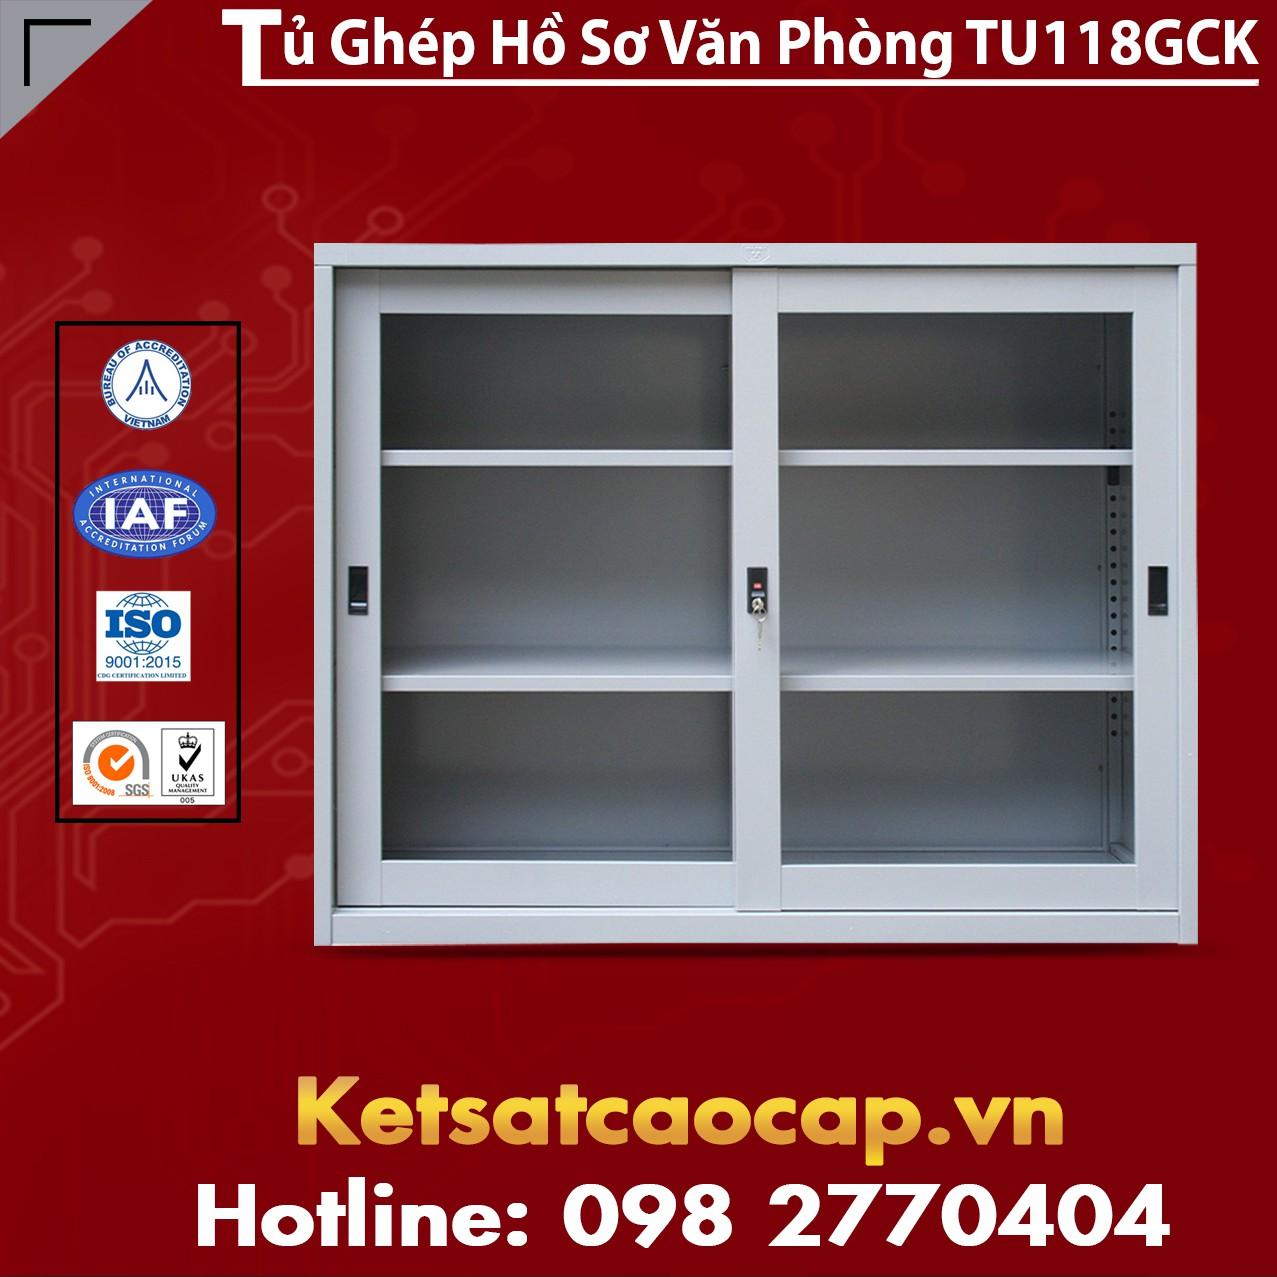 Tủ Ghép Hồ Sơ Văn Phòng TU118GCK